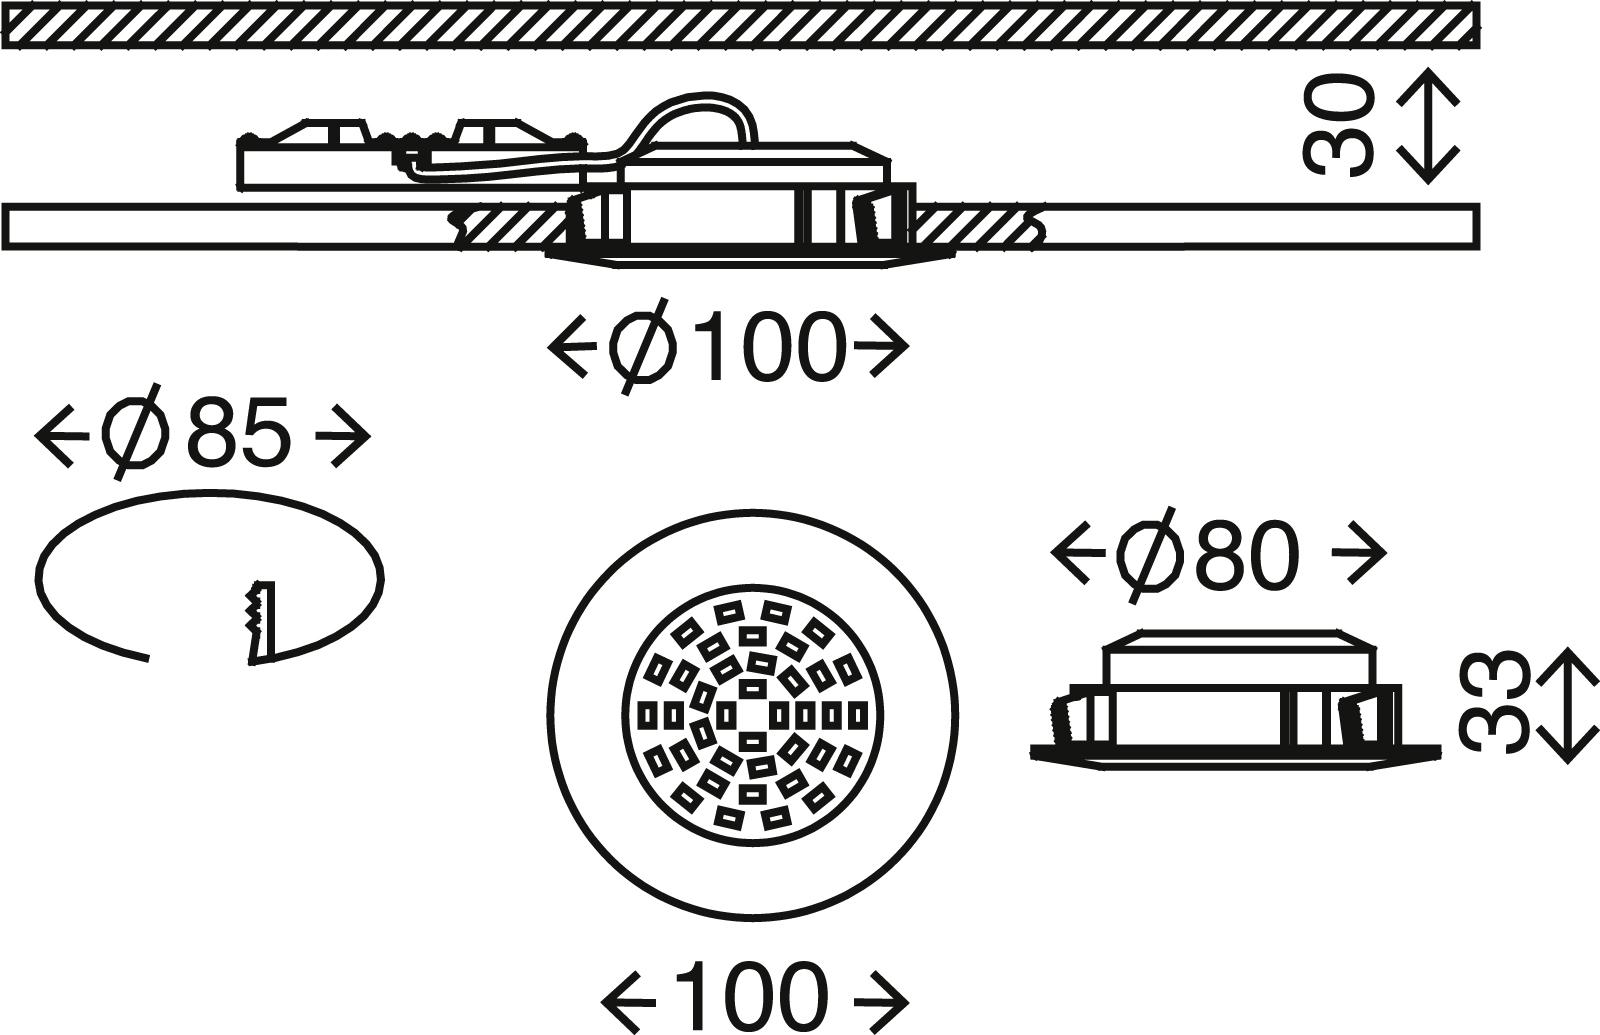 LED Einbauleuchte, Ø 10 cm, 11 W, Matt-Nickel